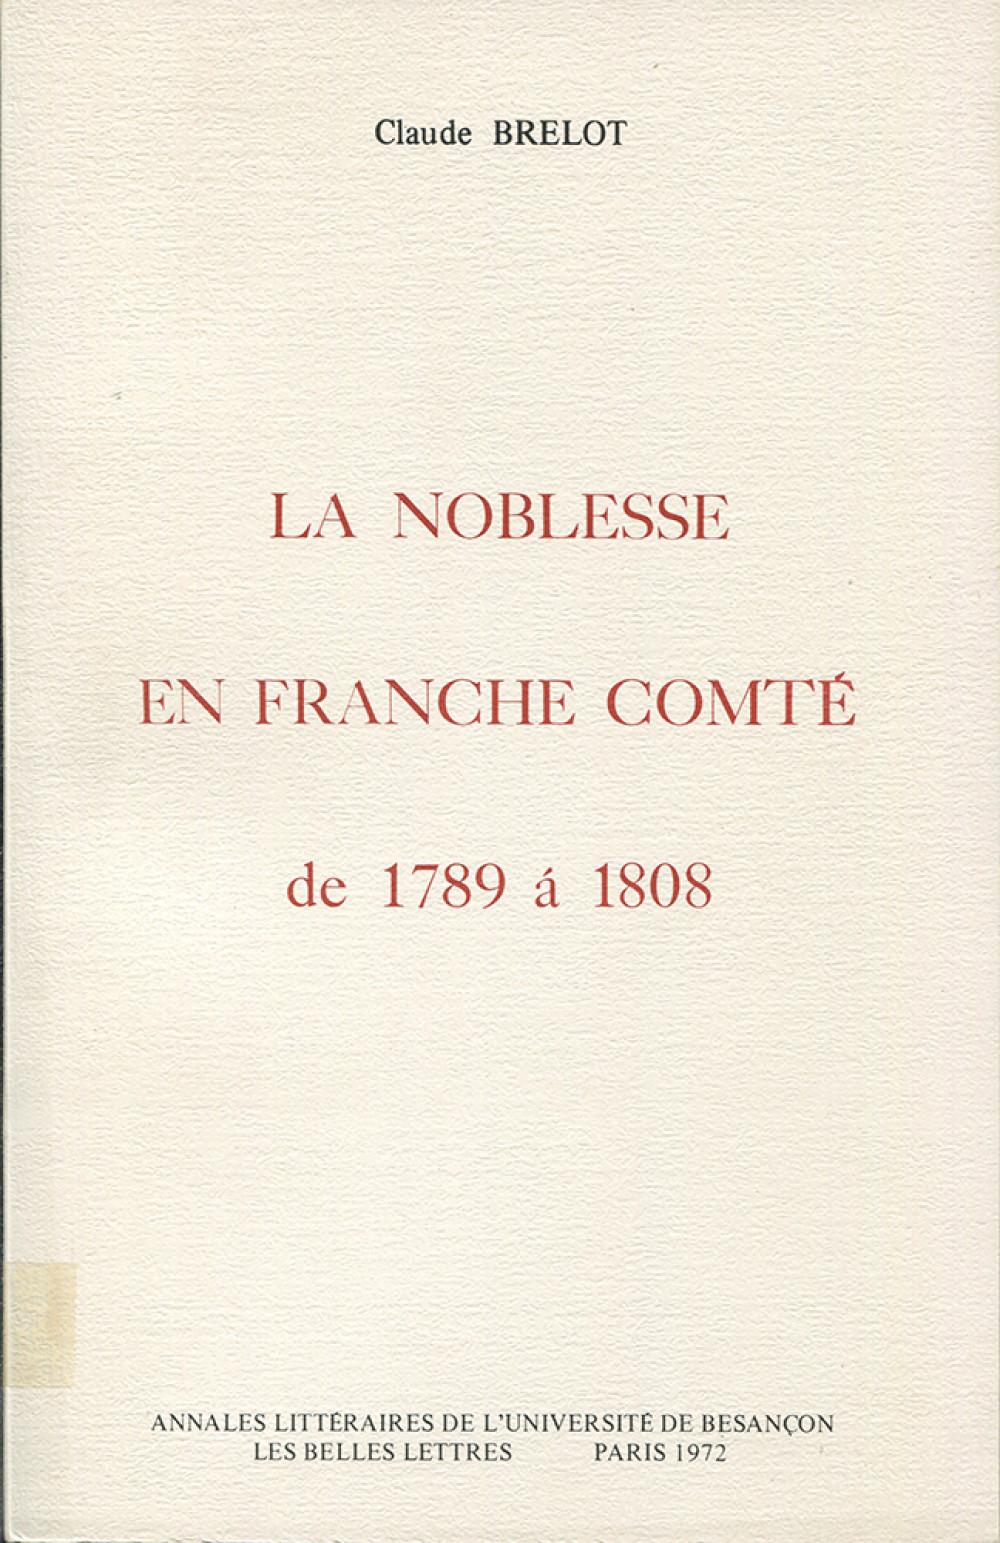 La noblesse en Franche-Comté de 1789 à 1808